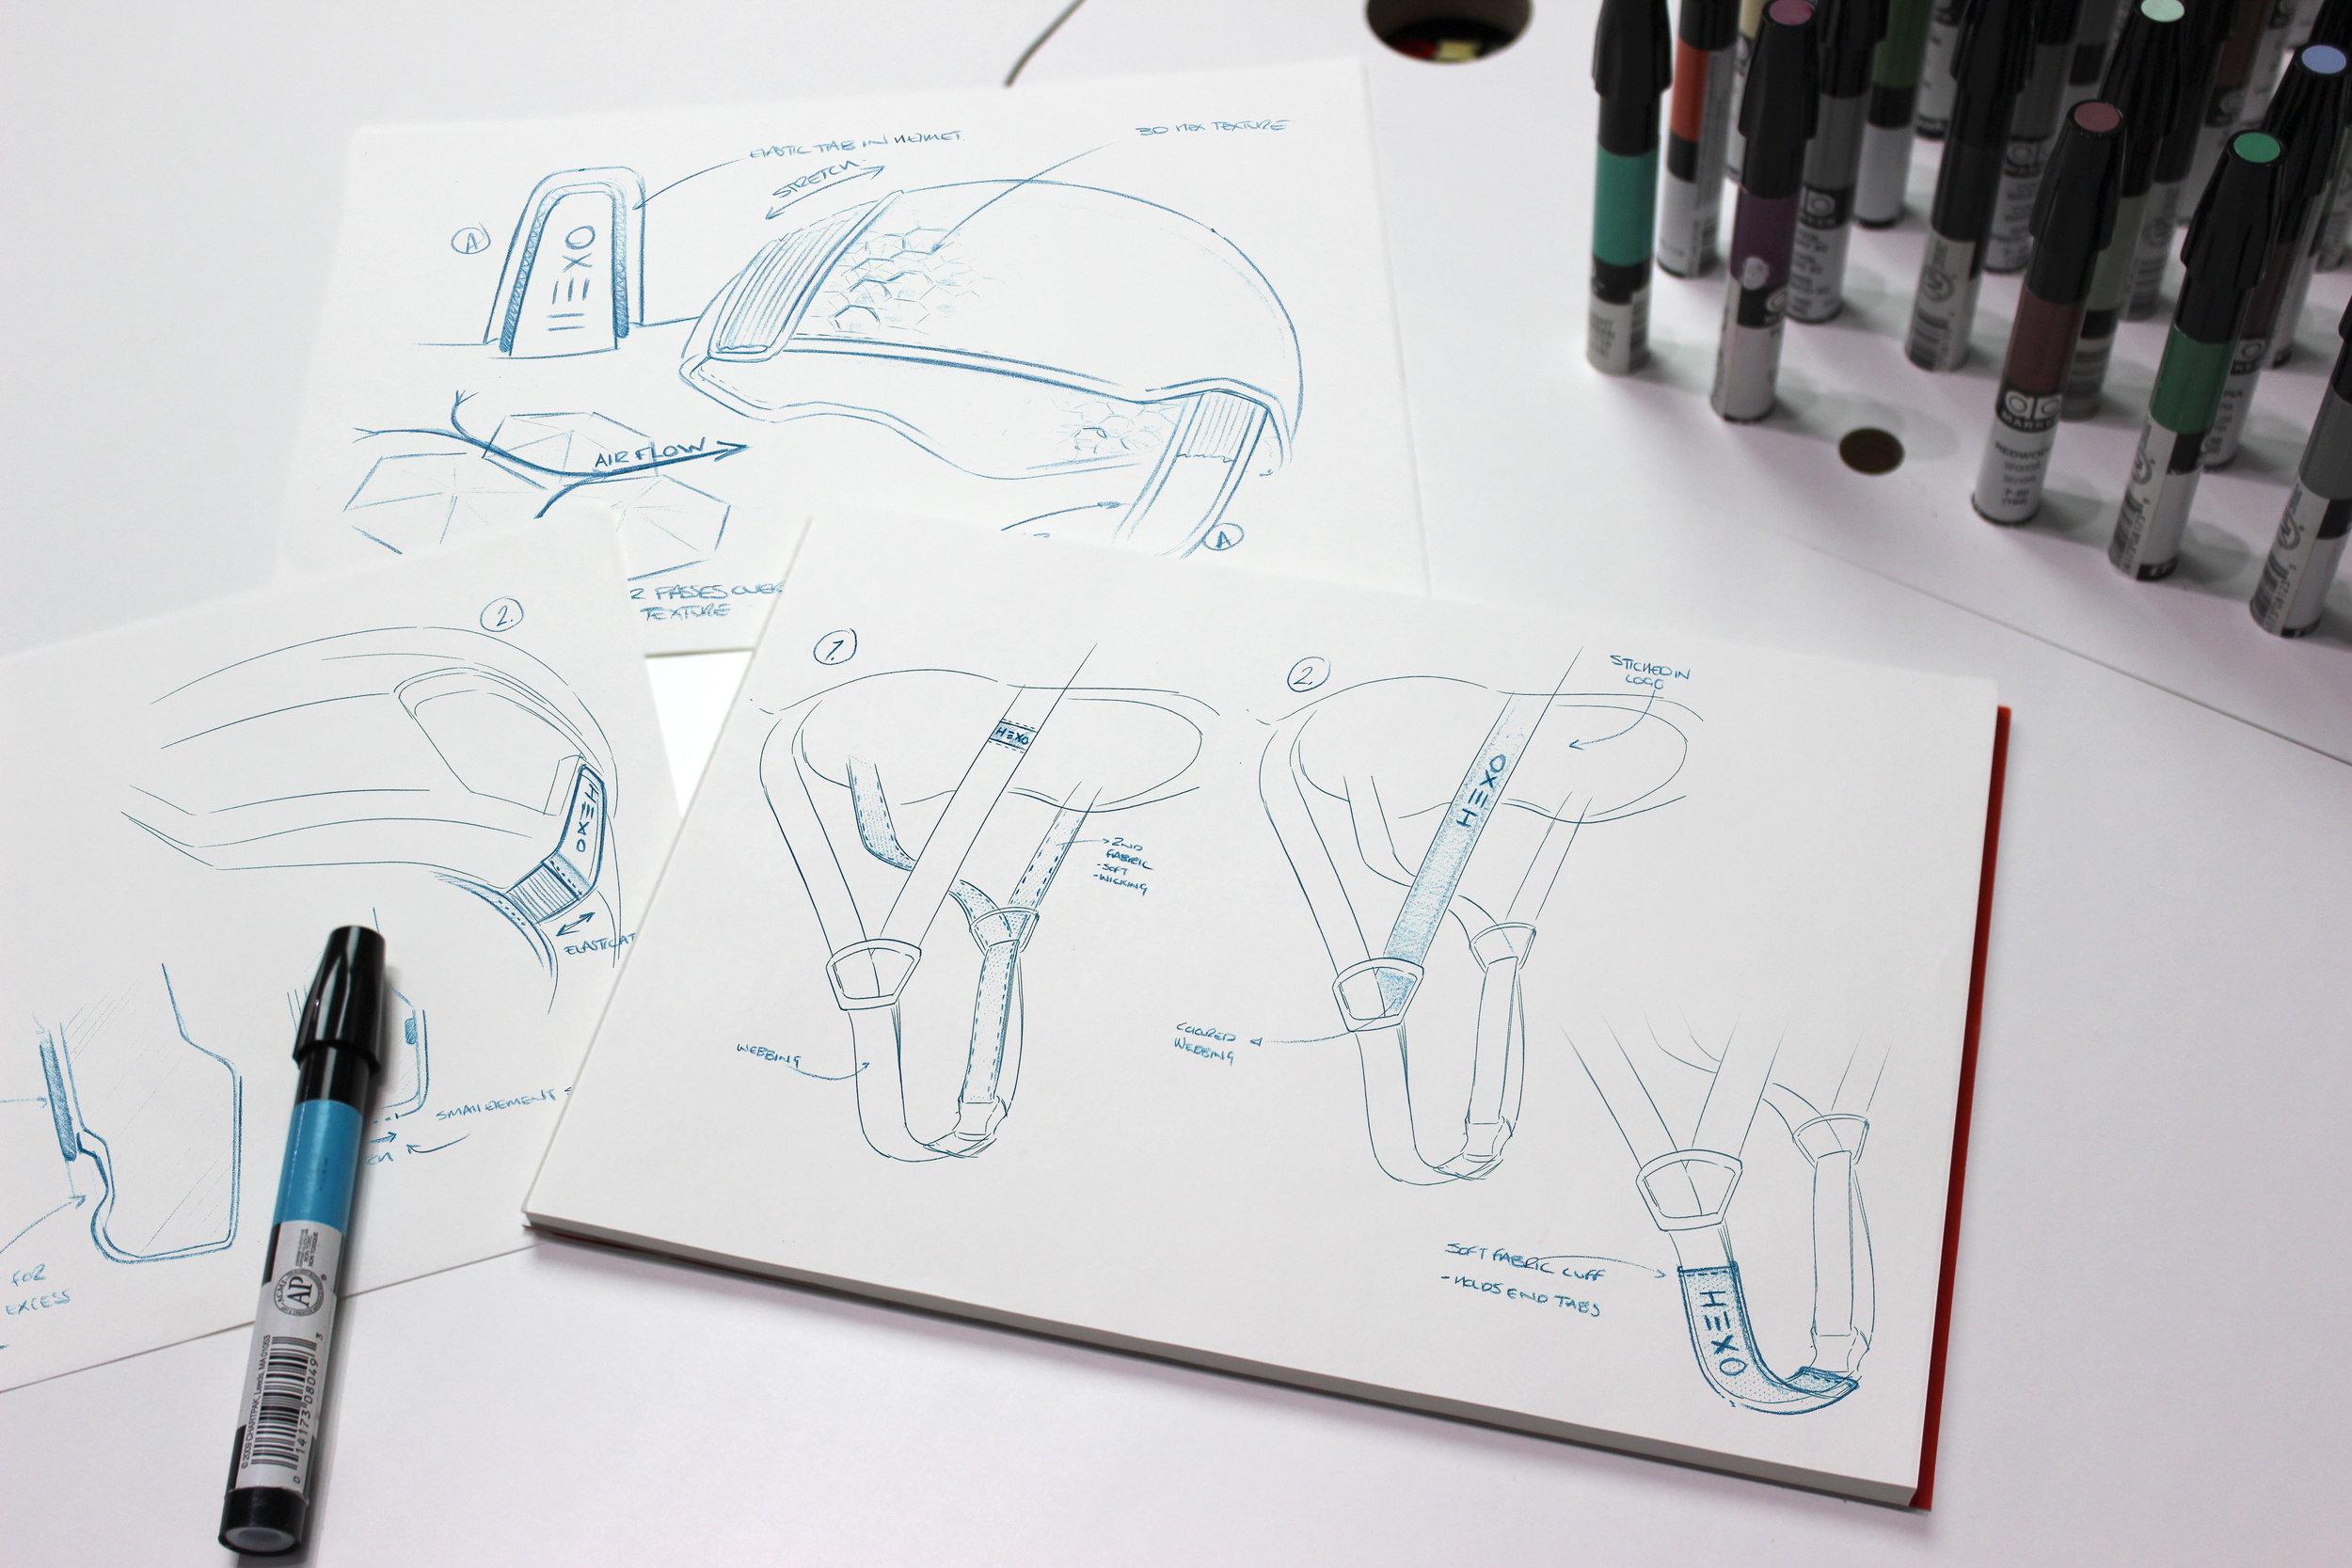 Hexr | Sketching detail development